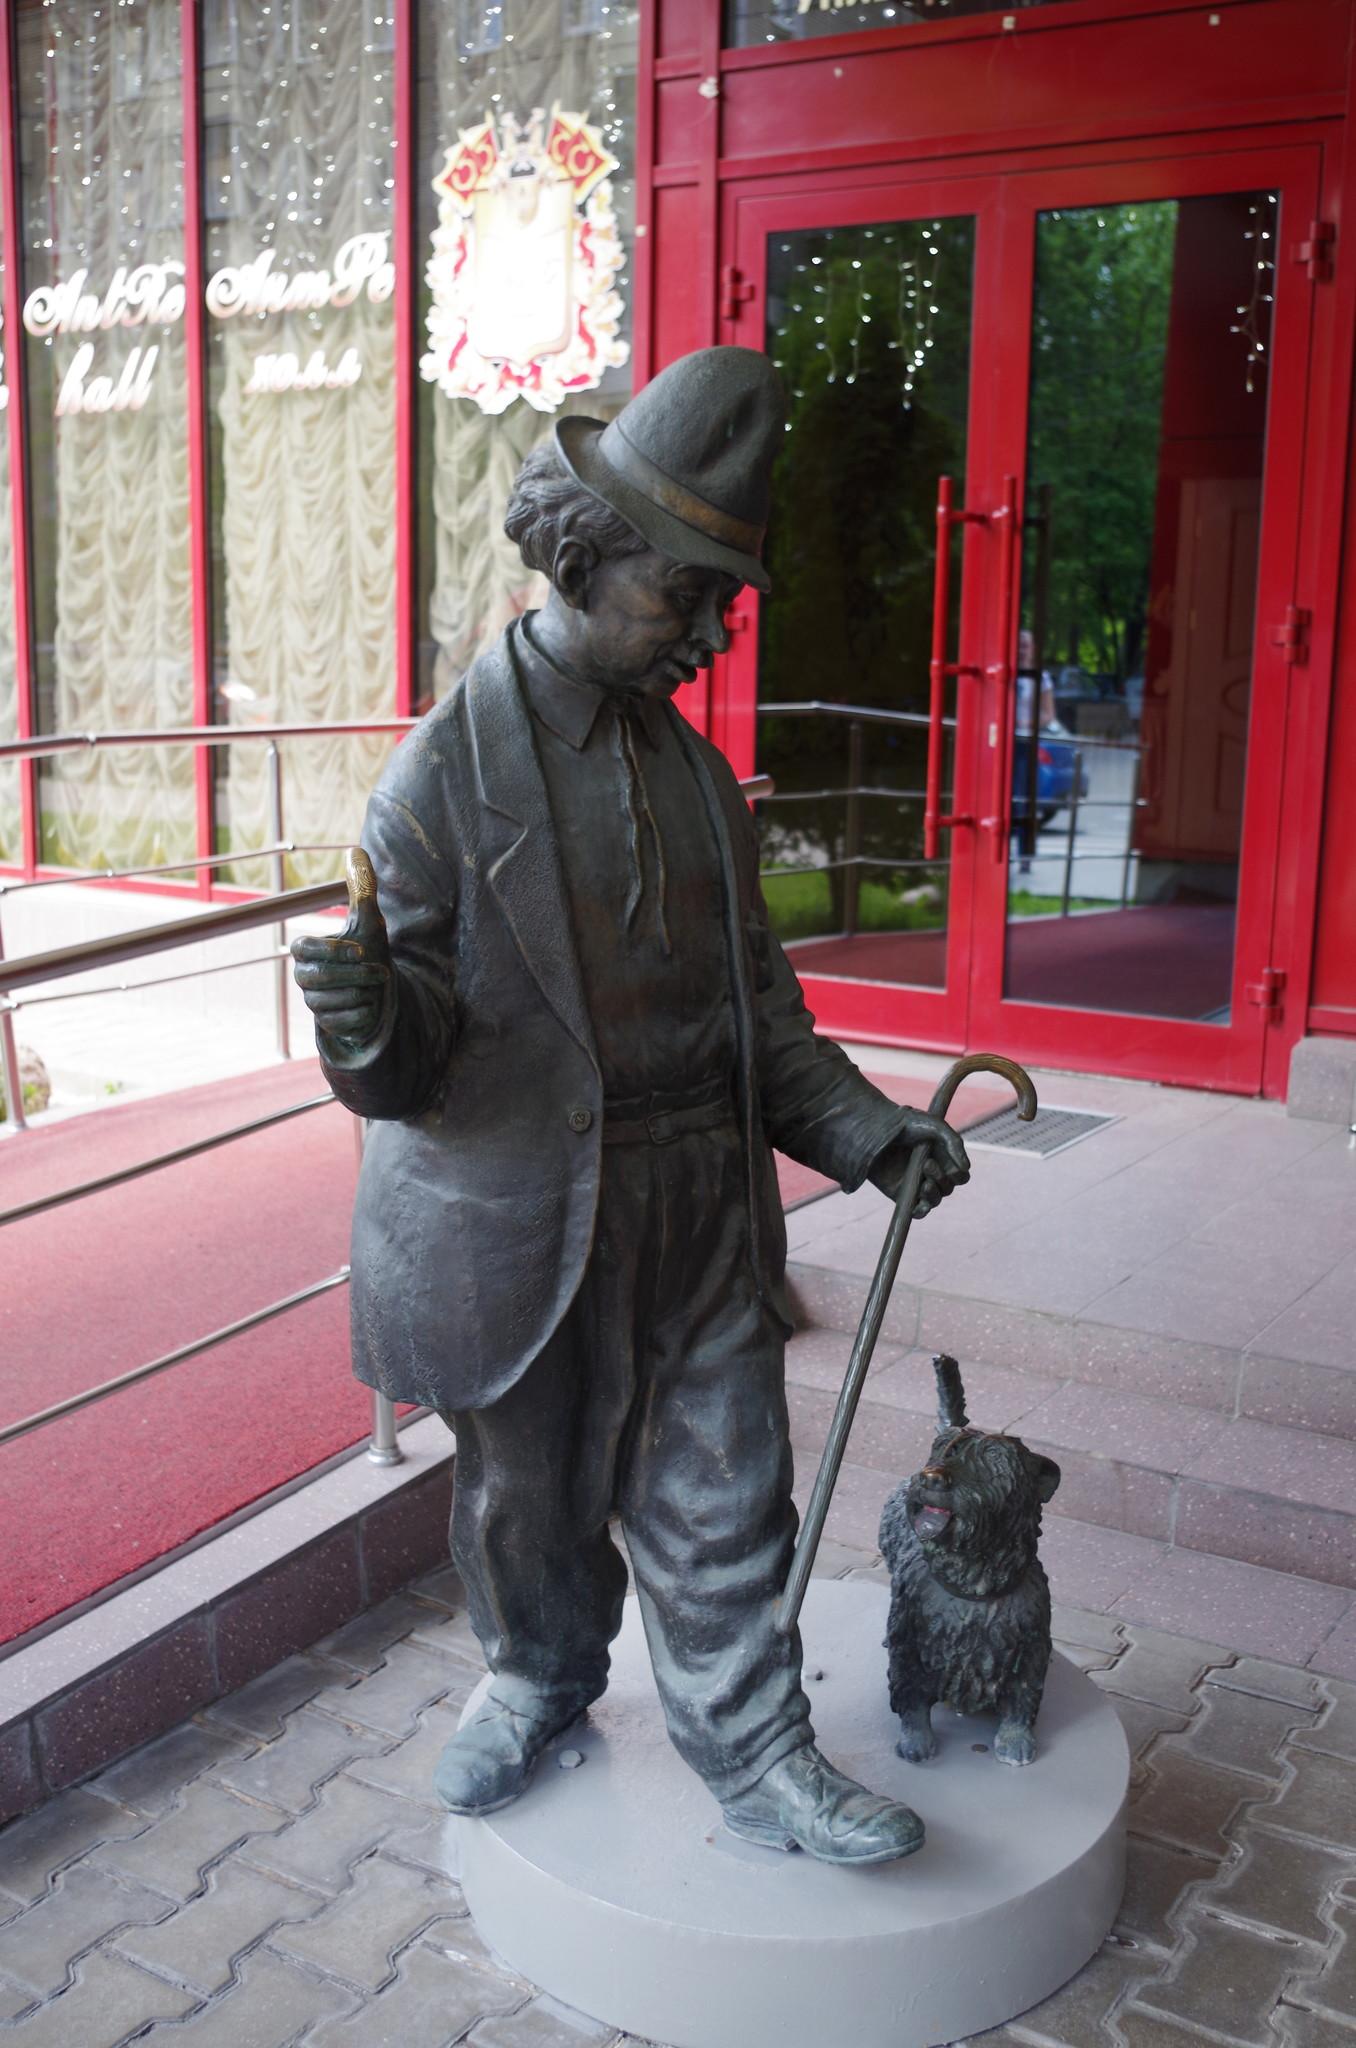 Памятник легендарному клоуну Карандашу и его собаке Кляксе установлен возле Дома союза цирковых деятелей России в 2008 году